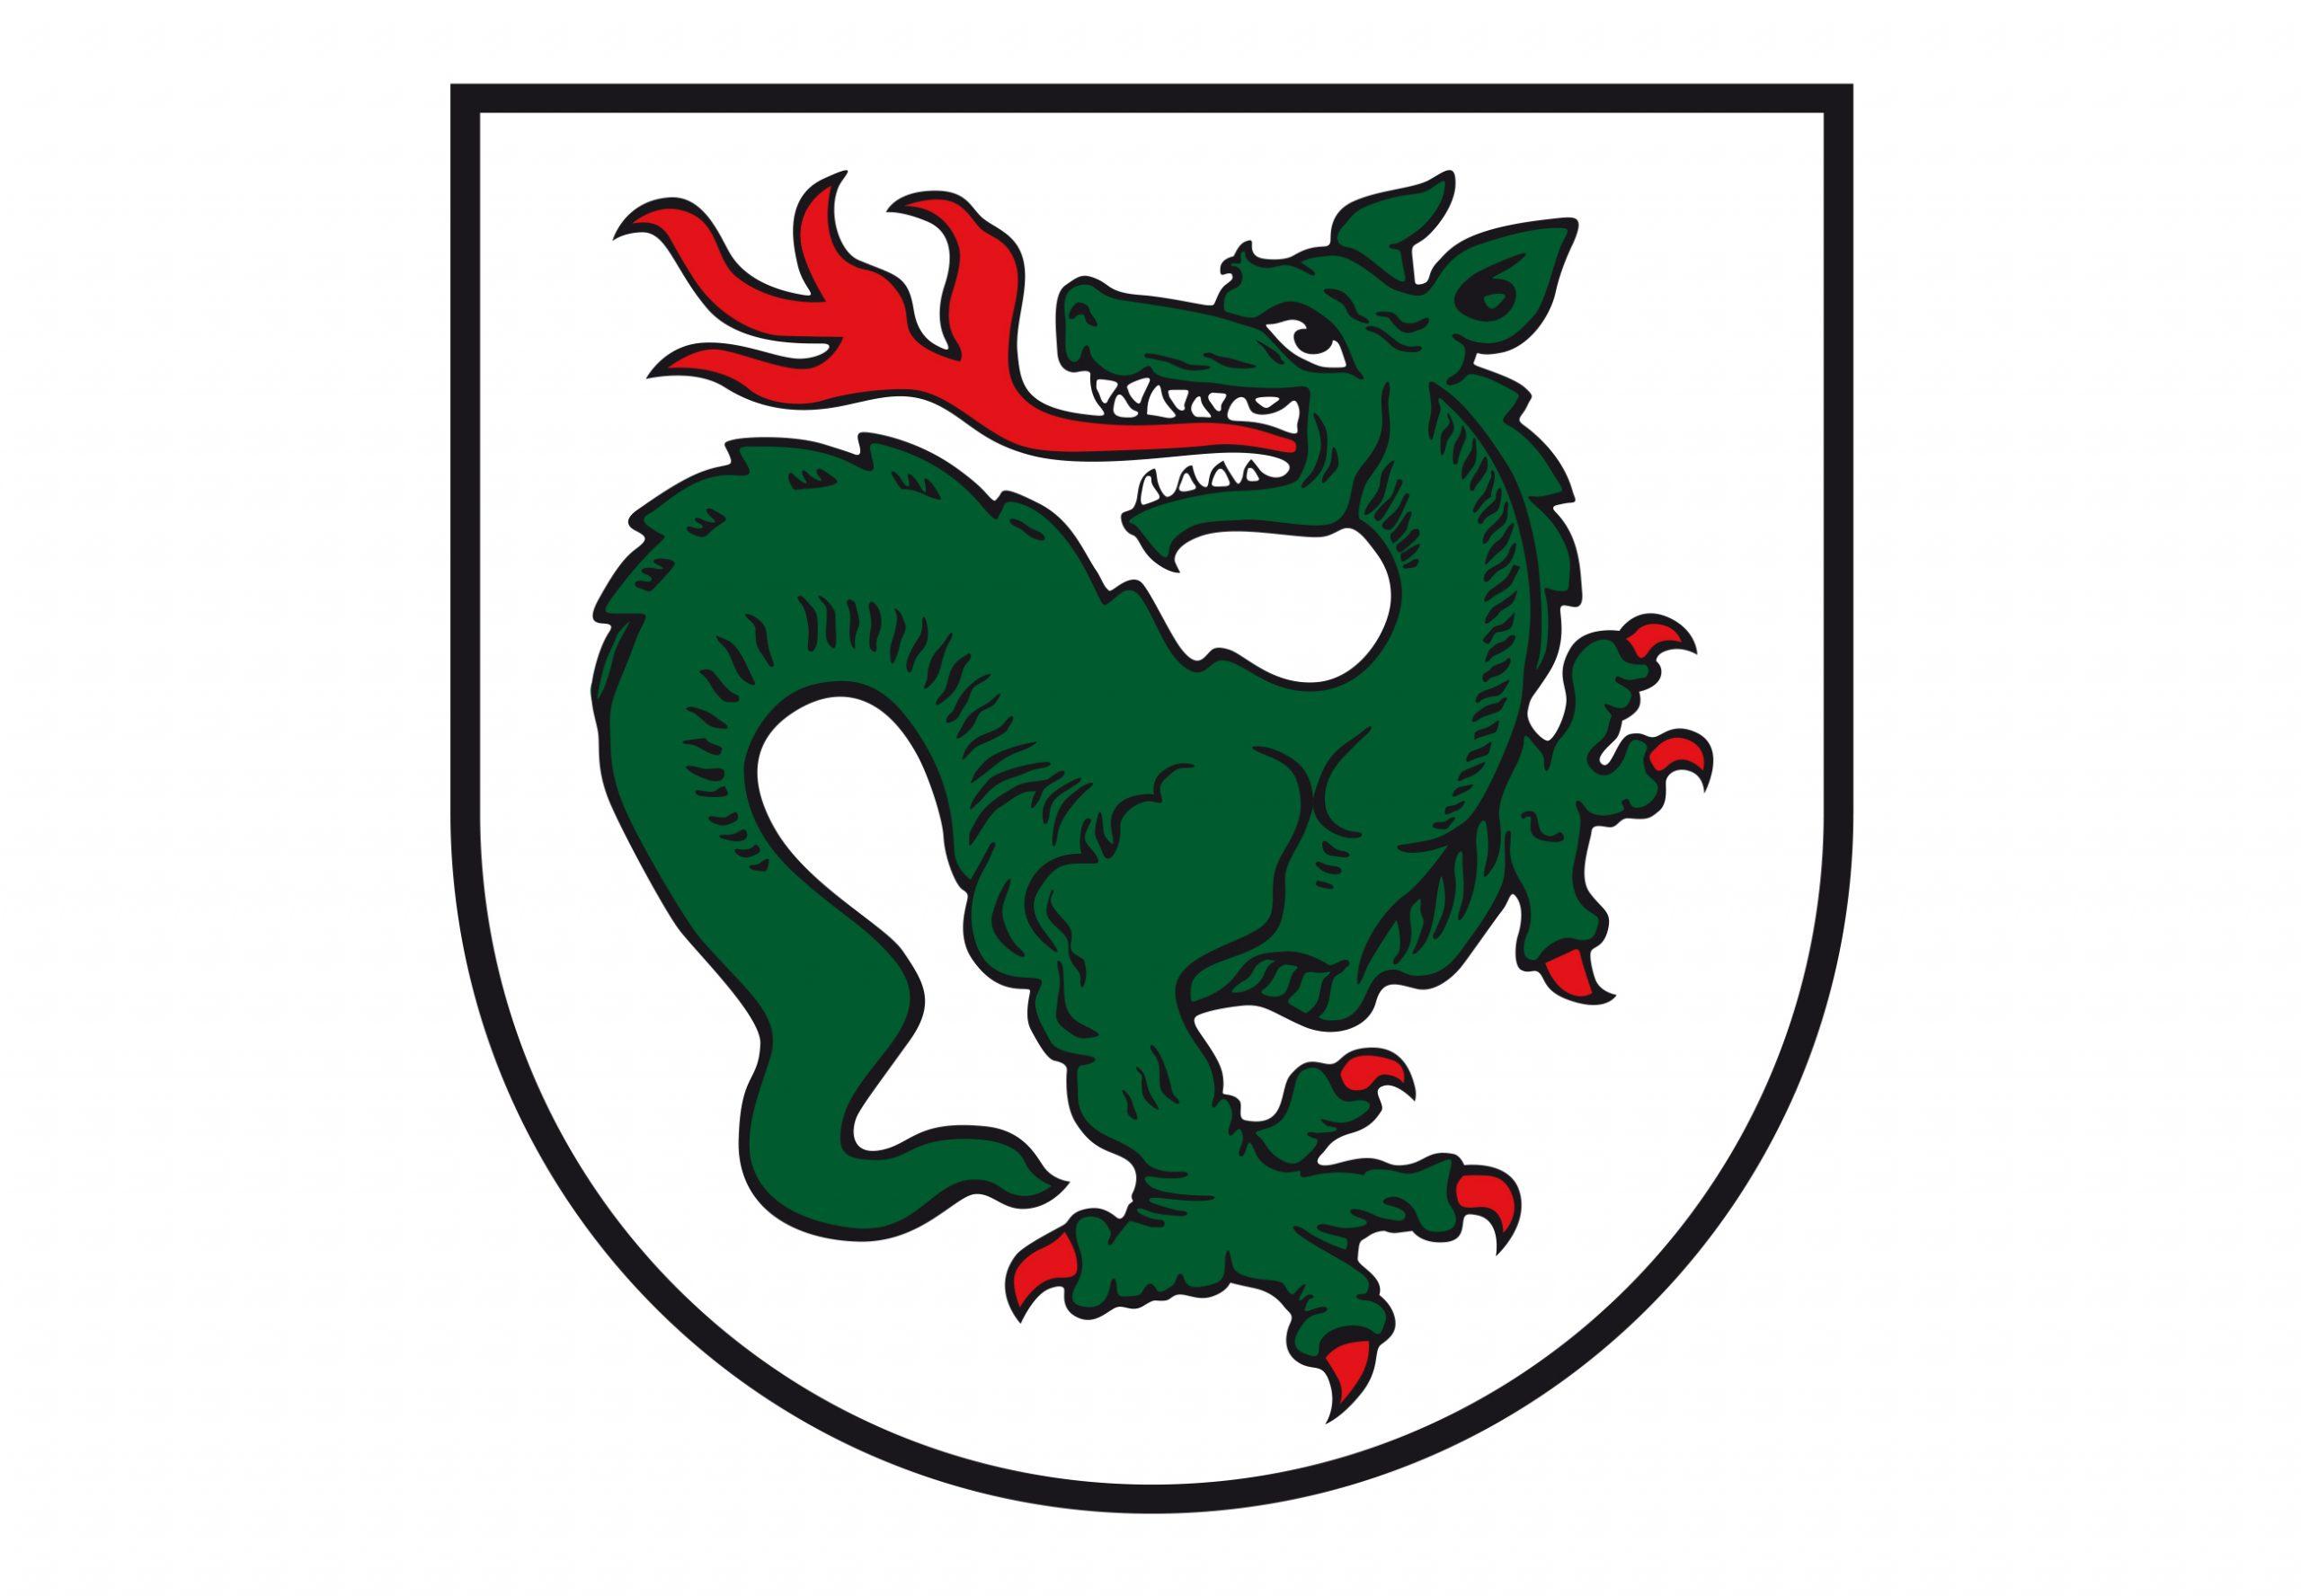 Kinder- und Jugendvertretung Murnau